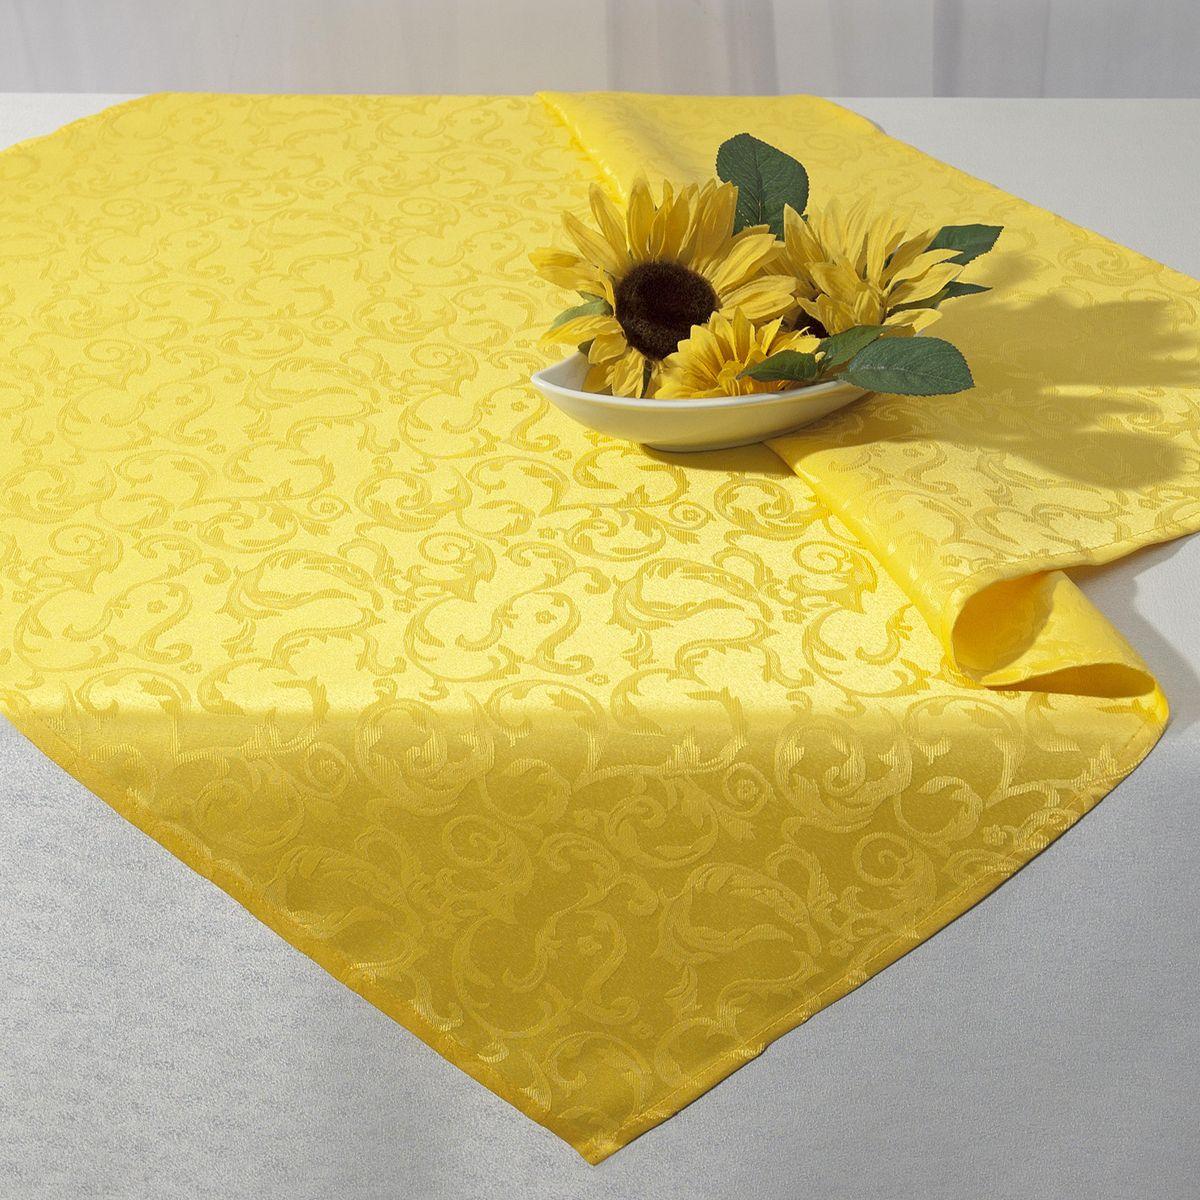 Скатерть Schaefer, квадратная, цвет: желтый, 85 x 85 см. 07433-10007433-100Стильная скатерть Schaefer выполнена из полиэстера.Изделия из полиэстера легко стирать: они не мнутся, не садятся и быстро сохнут, они более долговечны, чем изделия из натуральных волокон.Немецкая компания Schaefer создана в 1921 году. На протяжении всего времени существования она создает уникальные коллекции домашнего текстиля для гостиных, спален, кухонь и ванных комнат. Дизайнерские идеи немецких художников компании Schaefer воплощаются в текстильных изделиях, которые сделают ваш дом красивее и уютнее и не останутся незамеченными вашими гостями. Дарите себе и близким красоту каждый день!